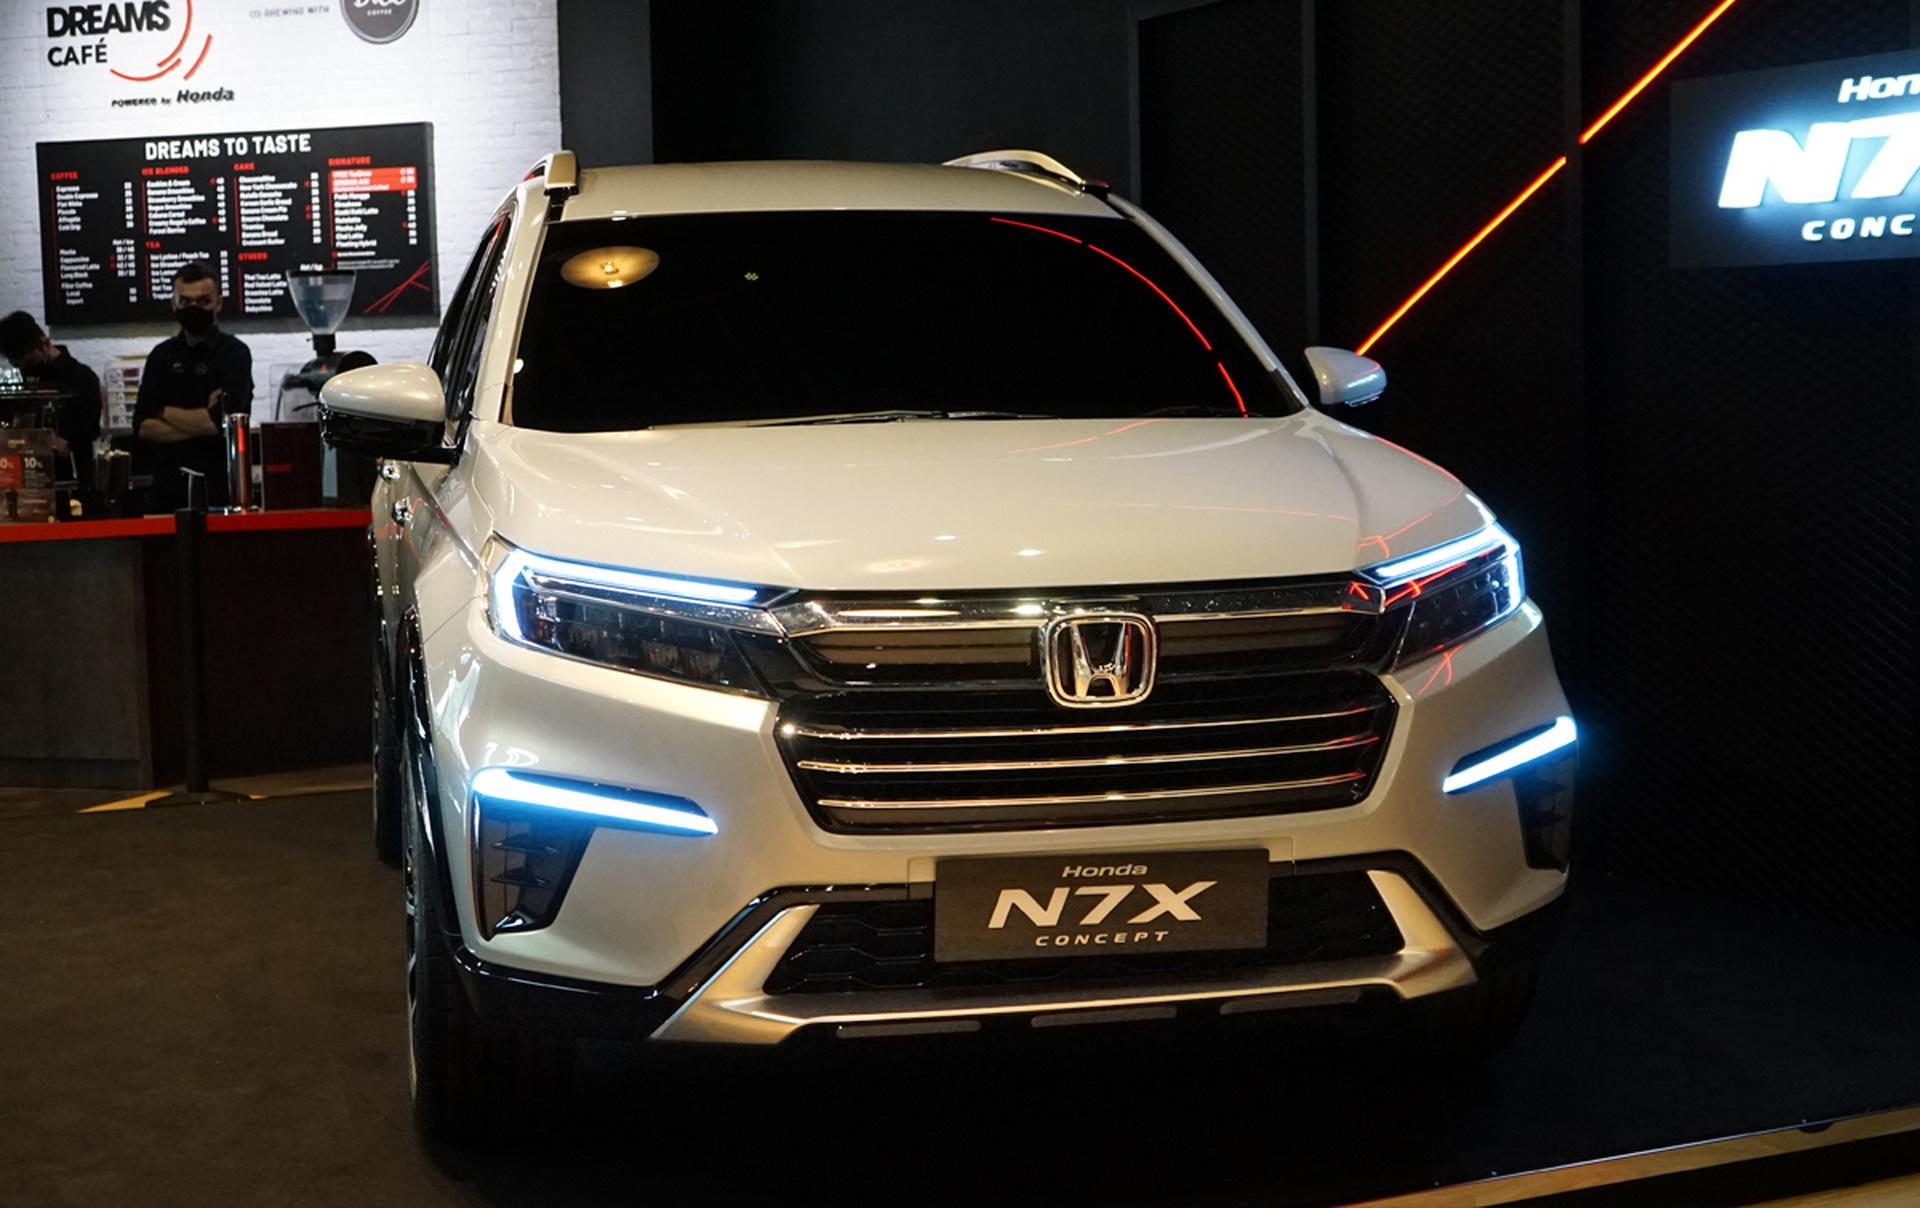 Begini Tampilan Honda N7X Concept Yang Mulai Dipamerkan